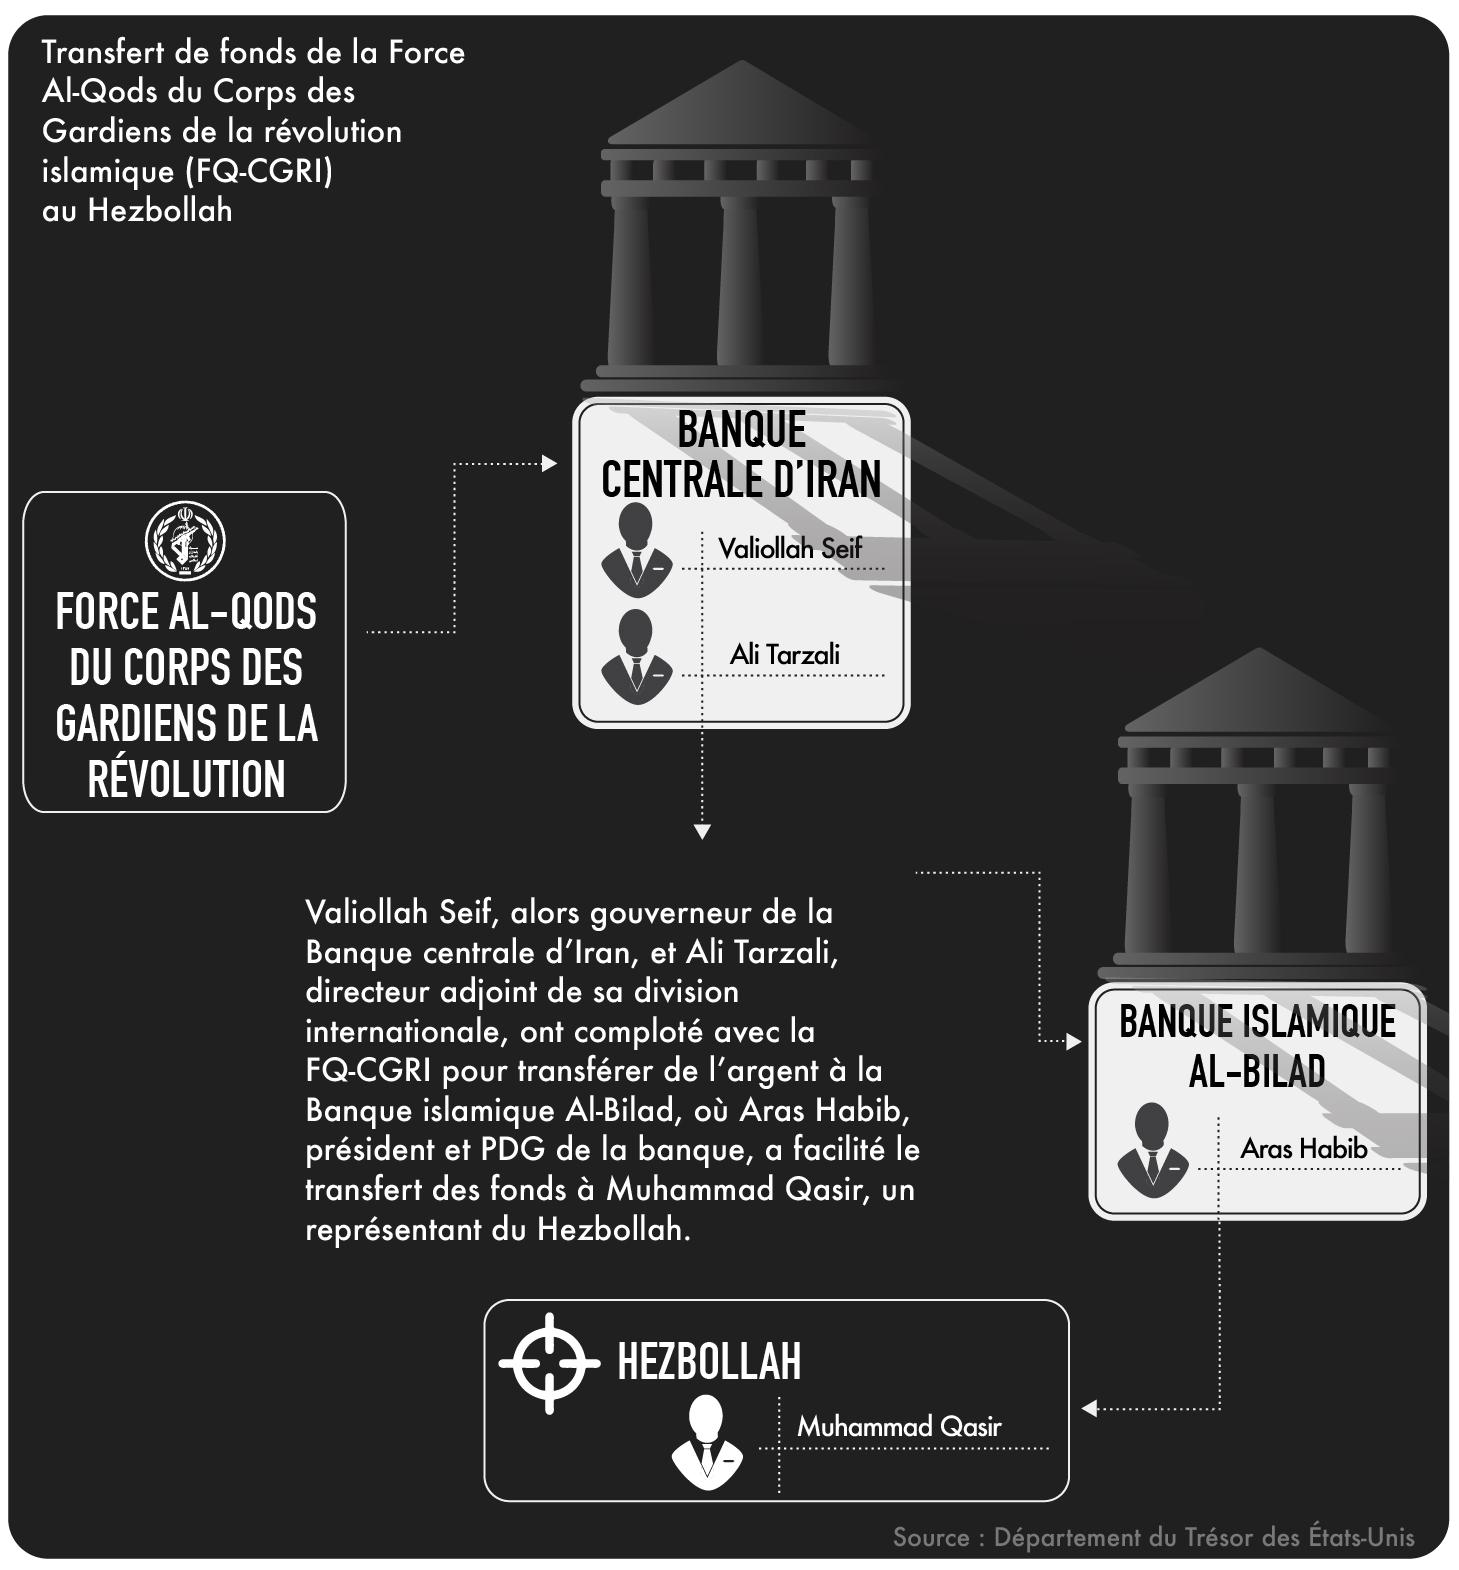 Graphique expliquant le transfert de fonds de la Banque centrale d'Iran au Hezbollah (Département d'État)